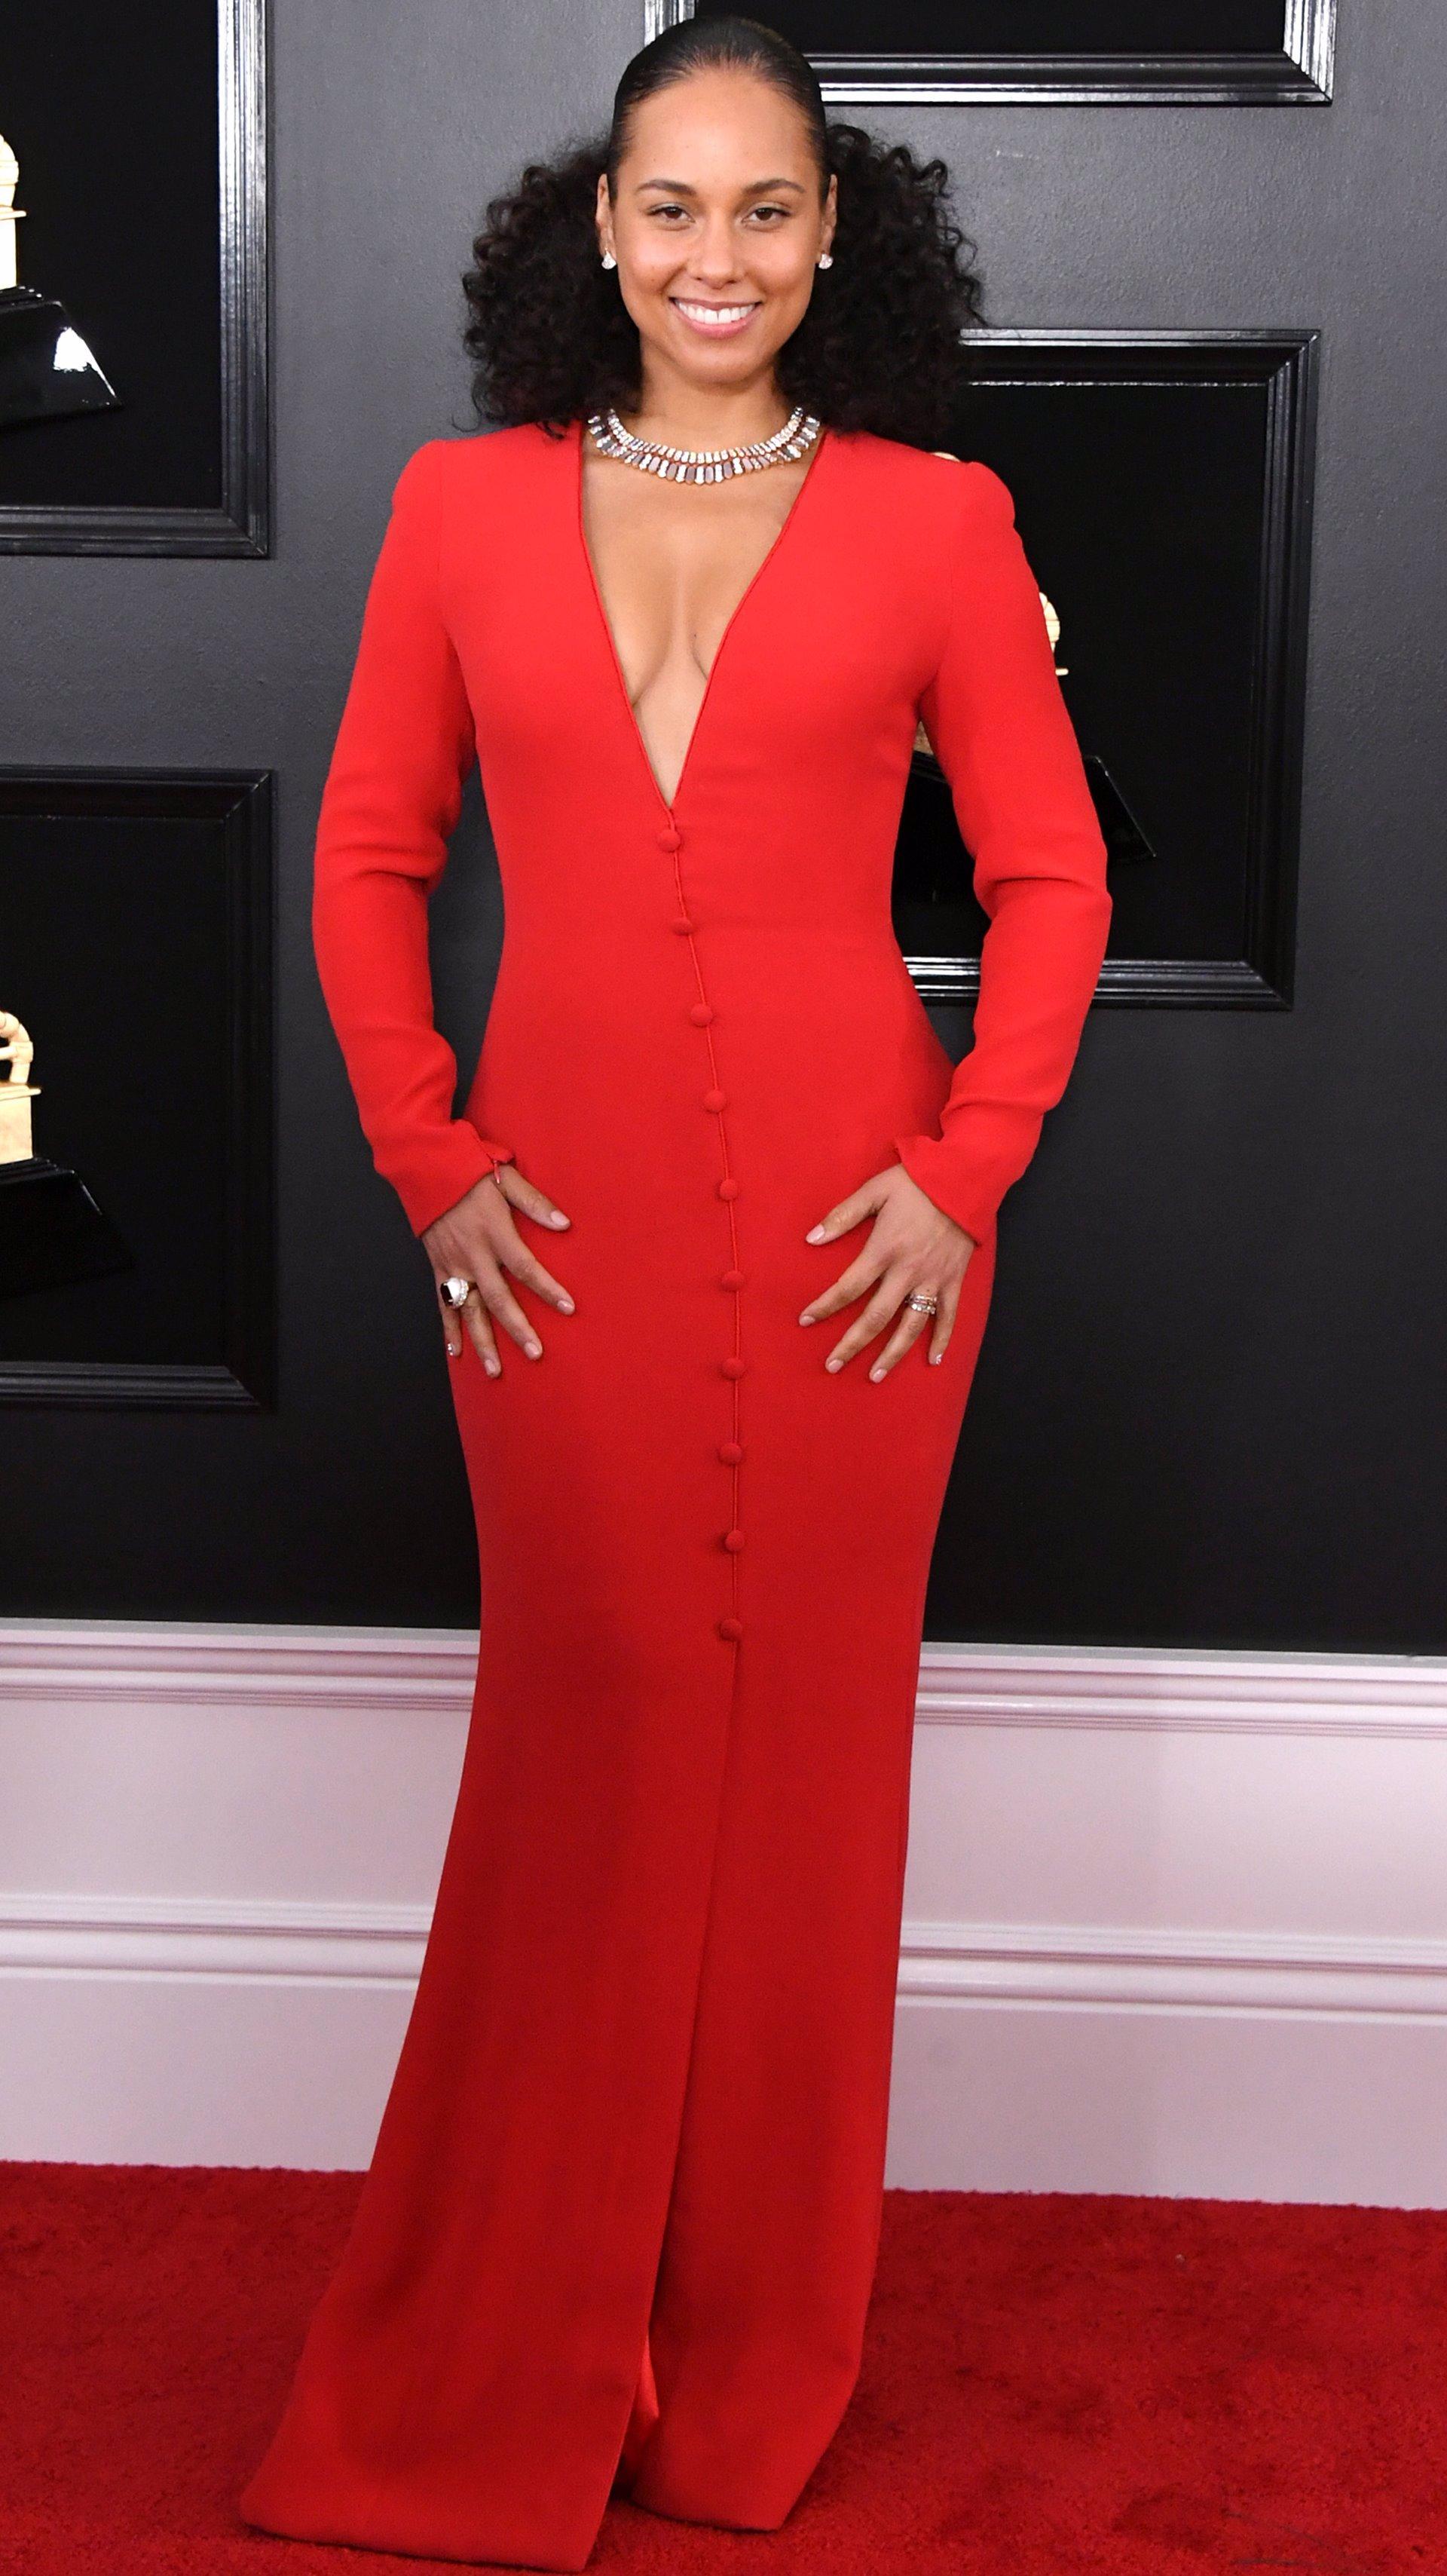 ba1ea93d8 La cantante escogió un vestido camisero rojo con detalles de botones y  escote en V de Giorgio Armani.